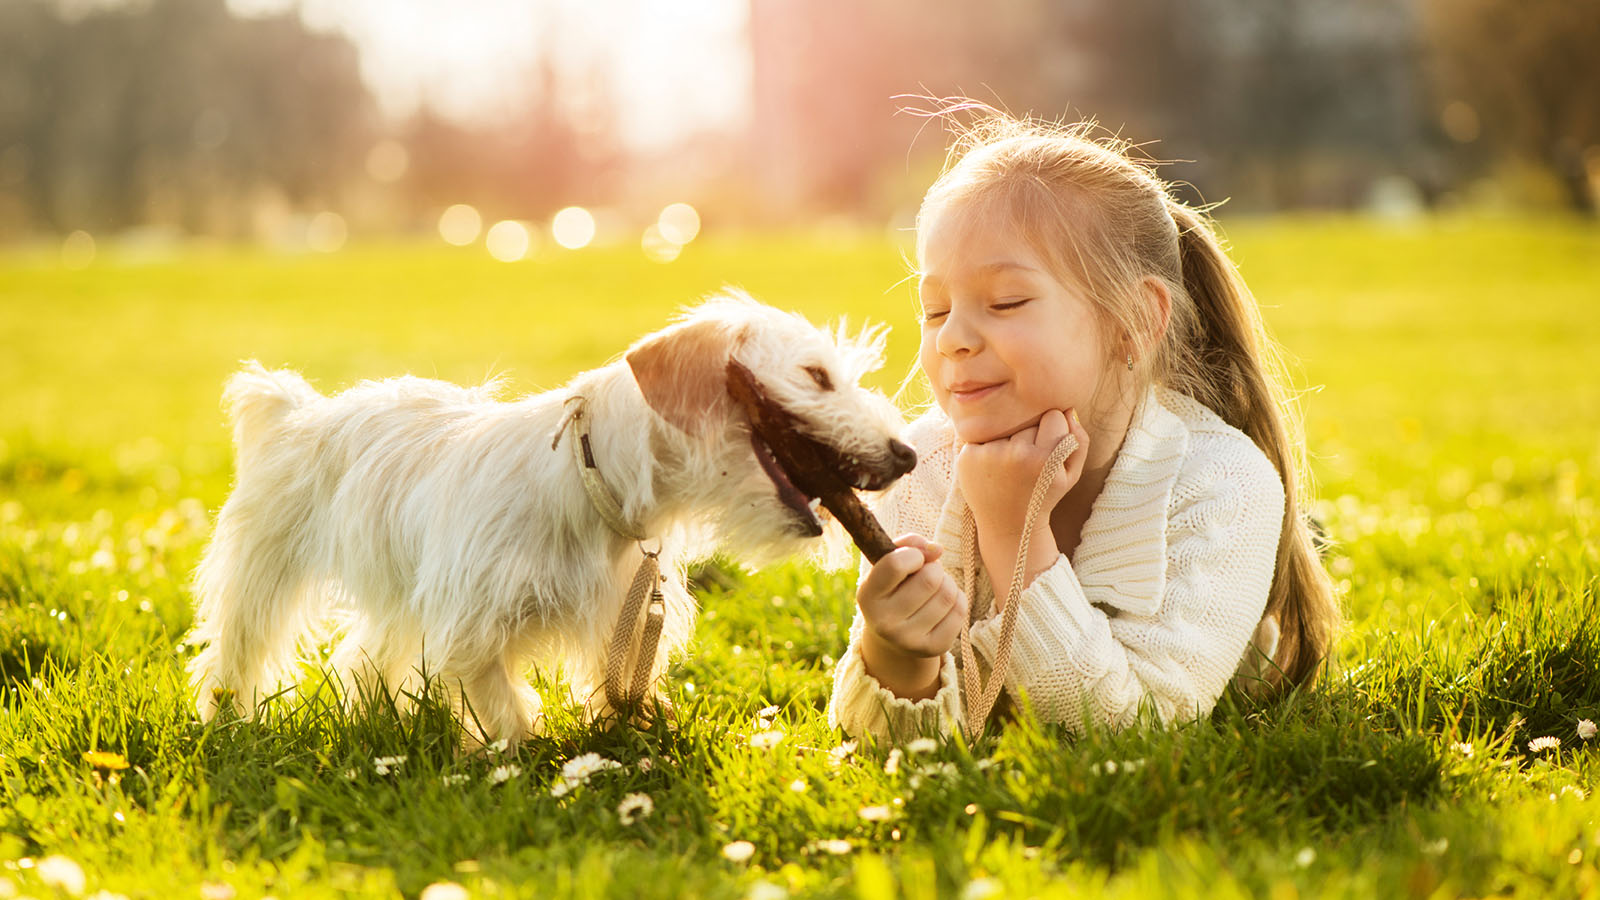 niña jugando con perro en el cesped